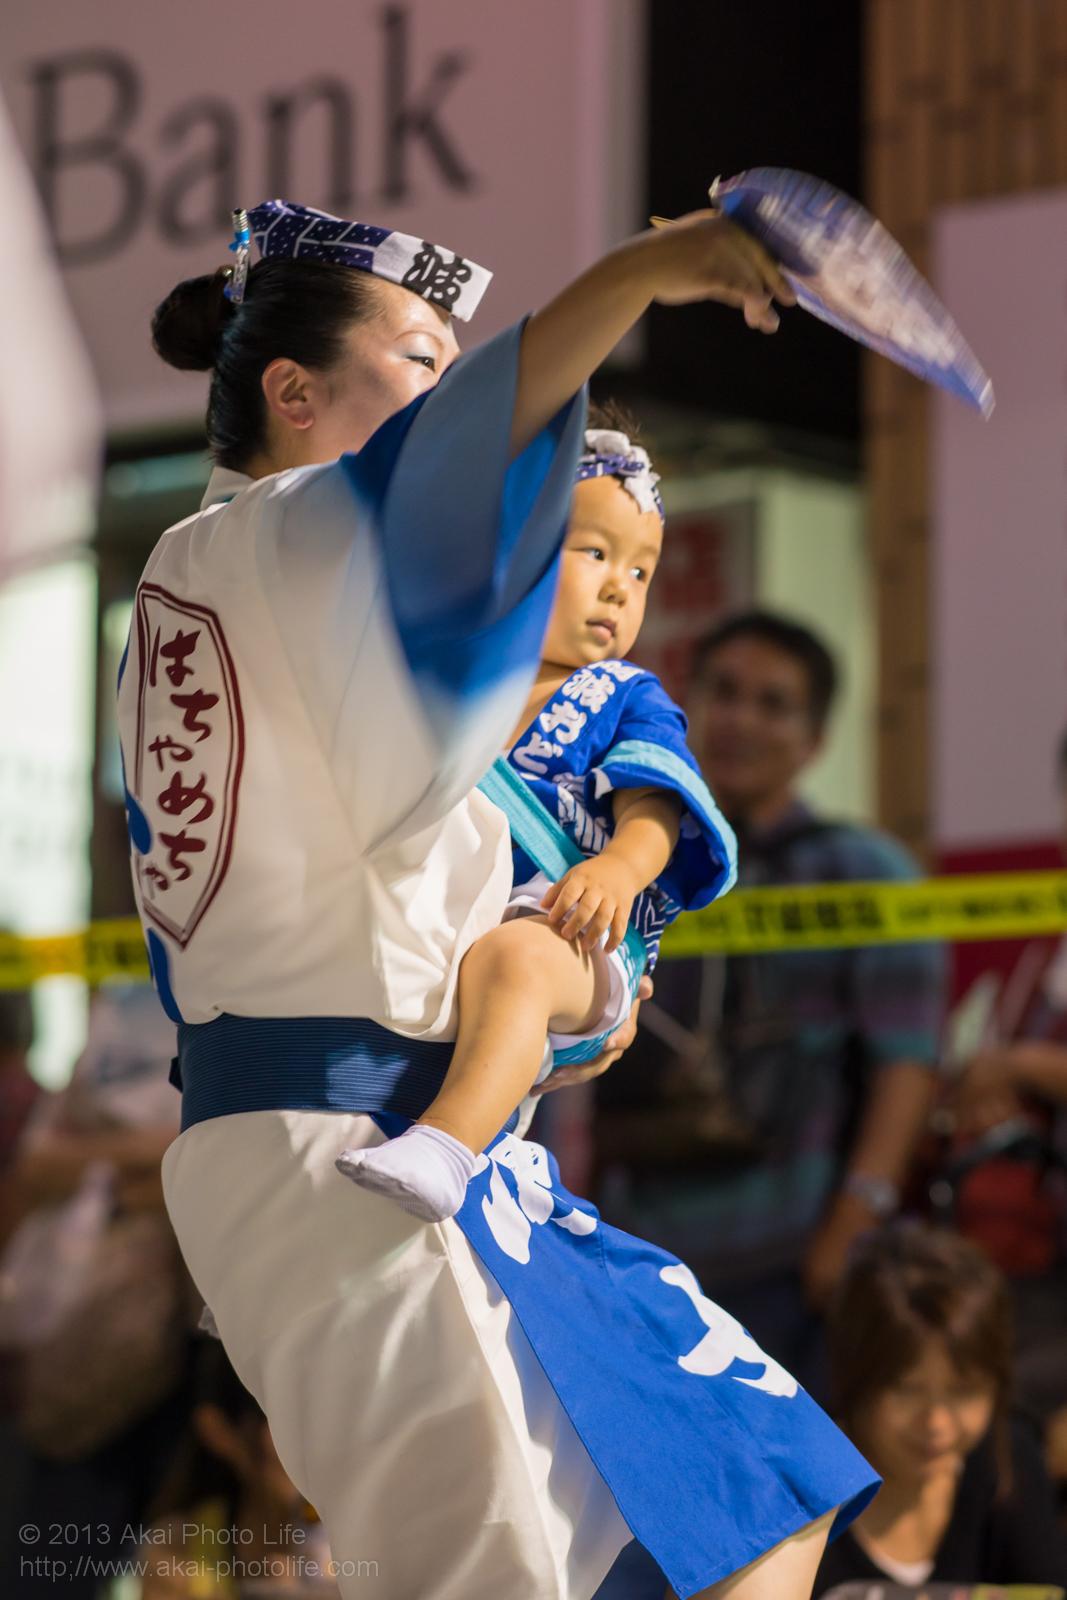 三鷹阿波踊り、波奴連(はちゃめちゃれん)の親子のうちわ踊り